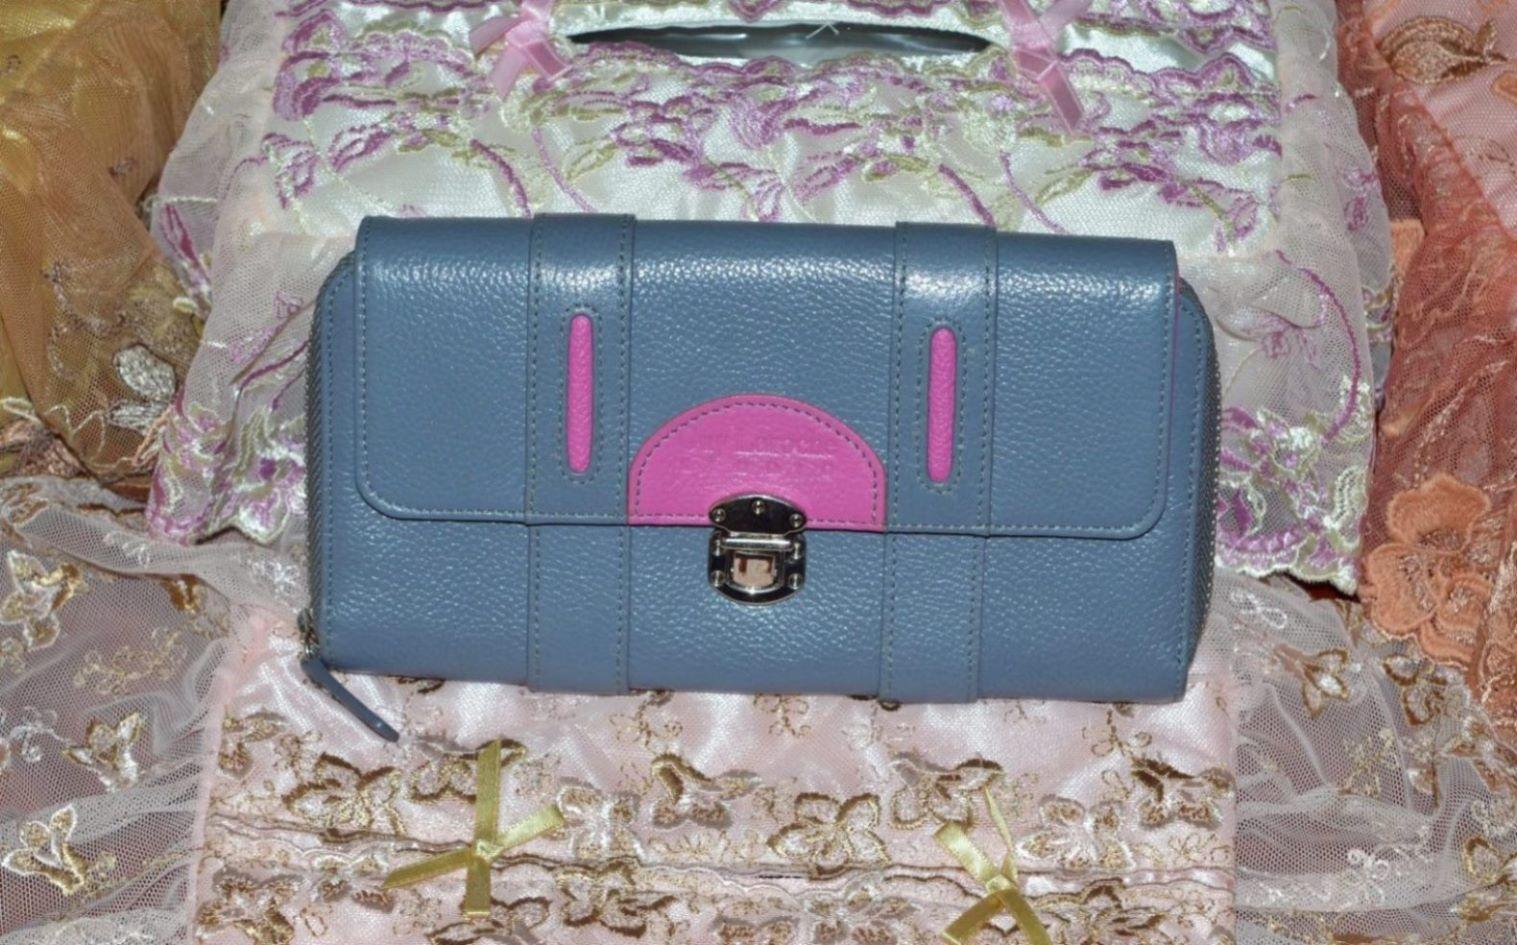 กระเป๋าสตางค์ Guy Laroche ขนาด 10x20 ซ.ม